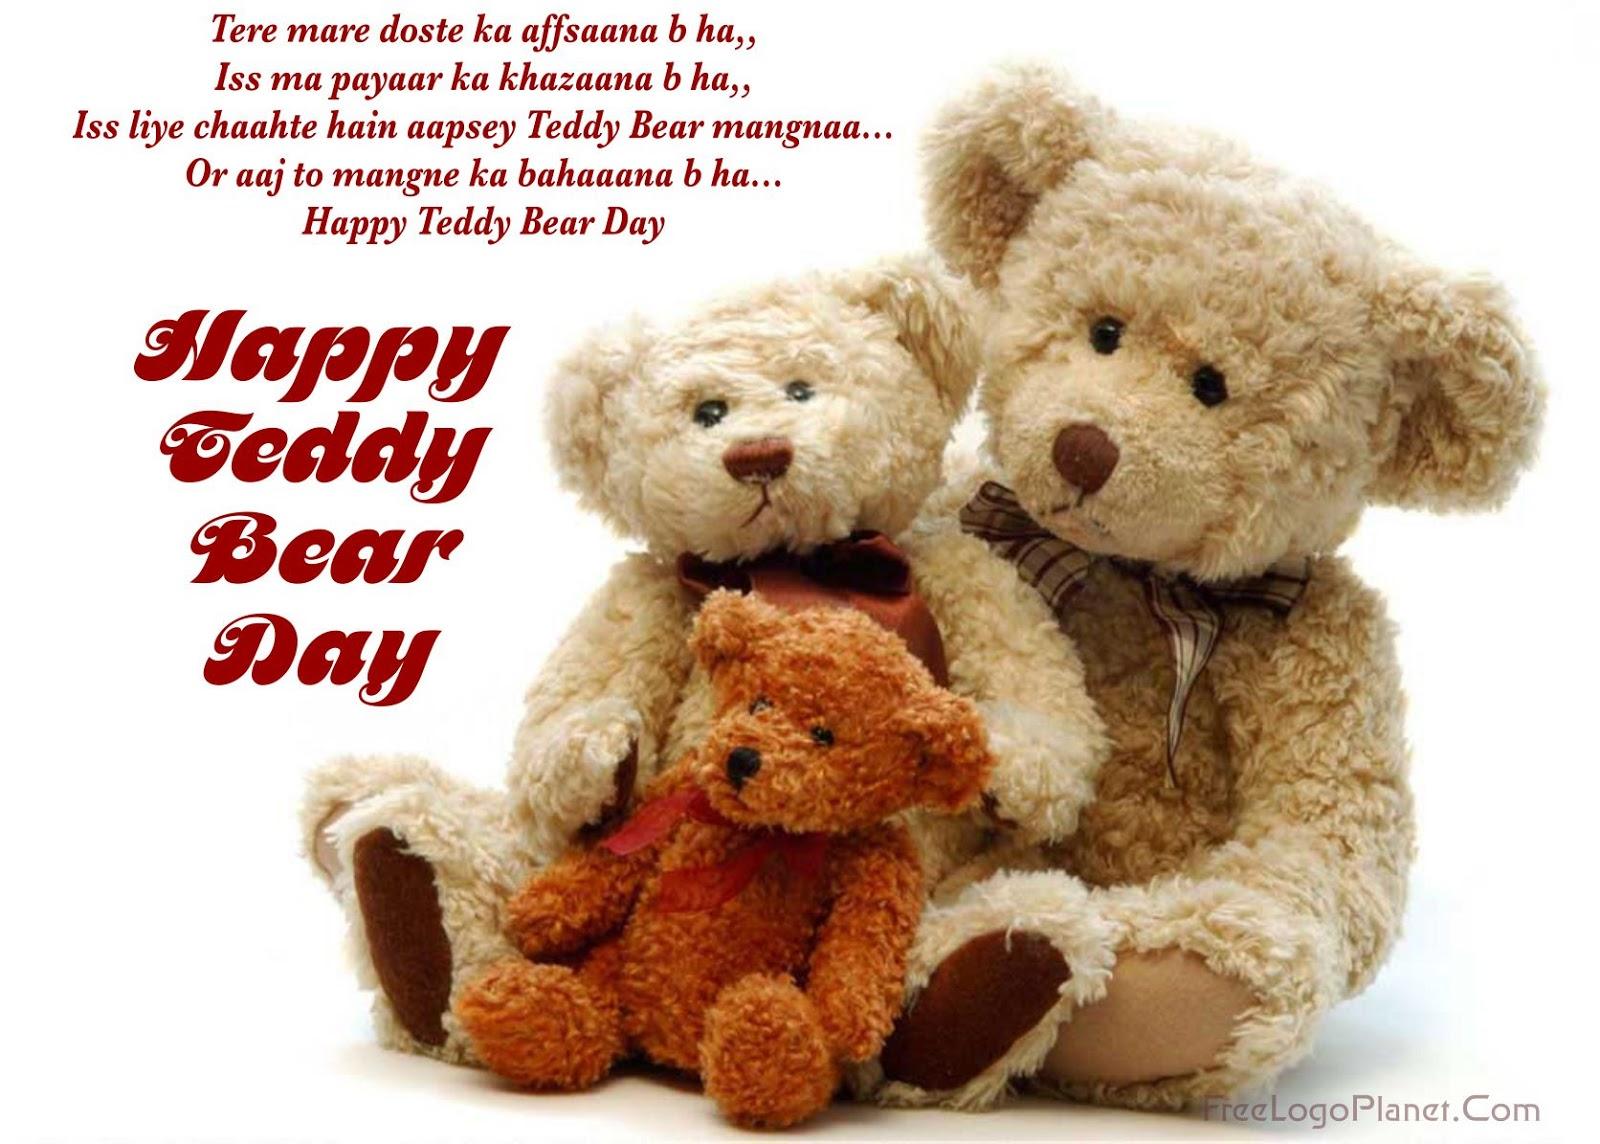 Teddy Bear Day 2018 Poems in Girlfriend, Boyfriend, Wife, Husband & Lovers